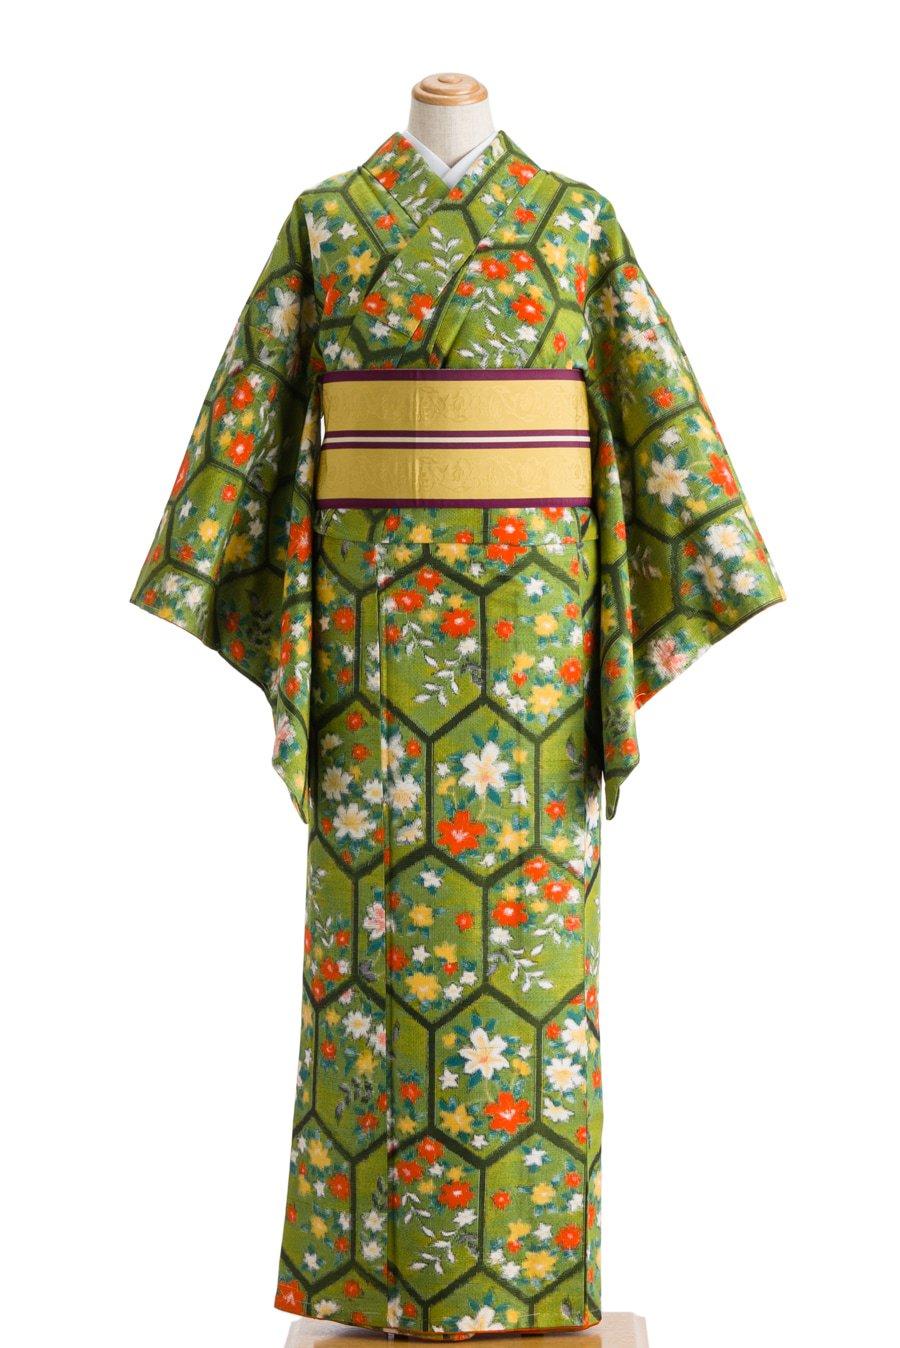 「紬 黒縁亀甲に花」の商品画像